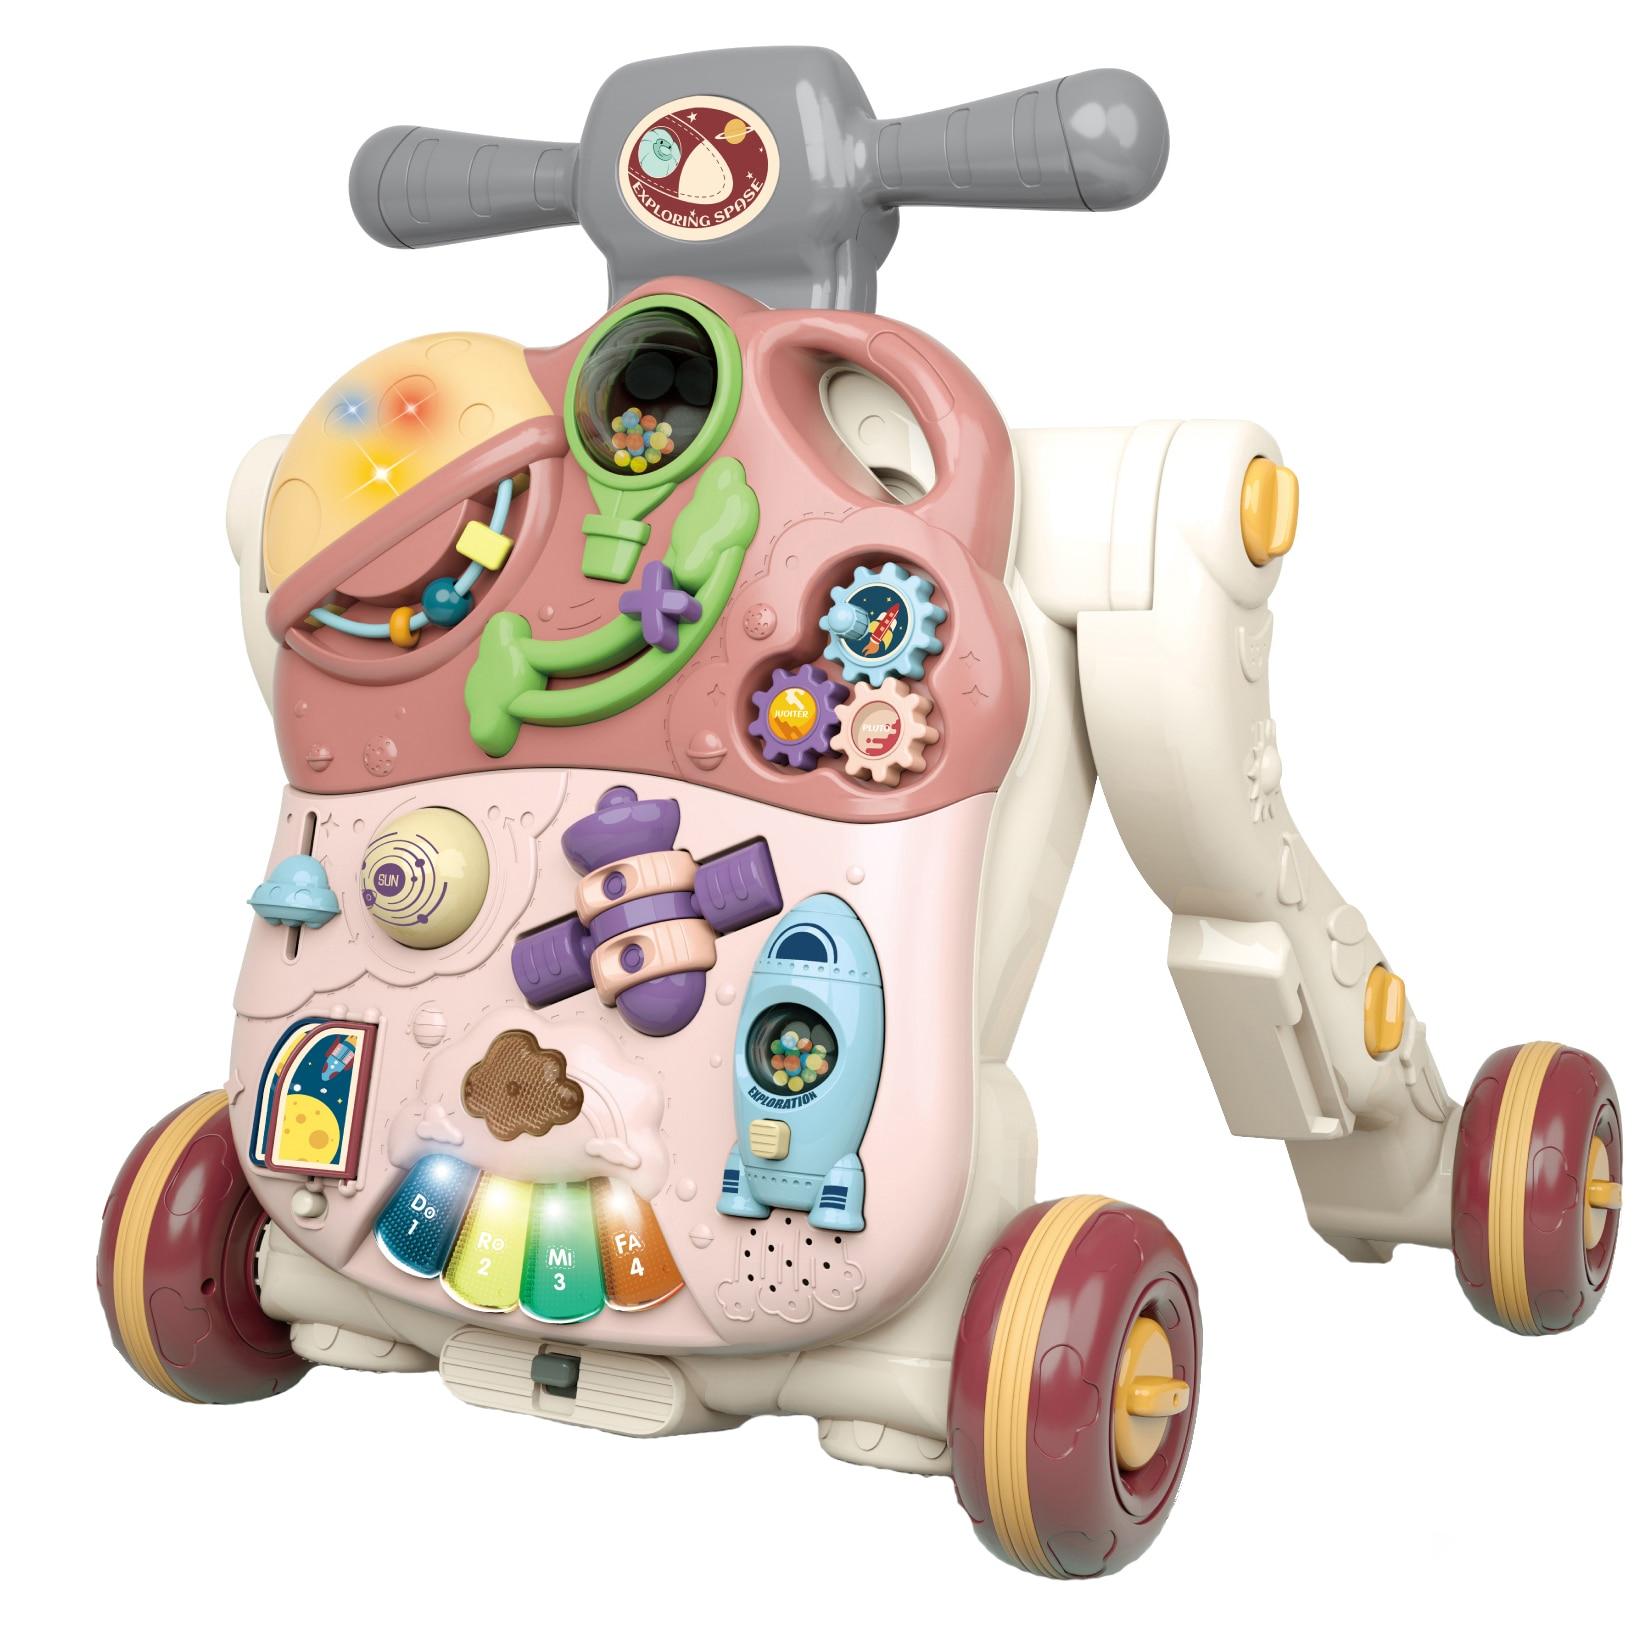 Fotografie Antepremergator M-Toys 3 in 1, convertibil, cu lumini si sunete, roz